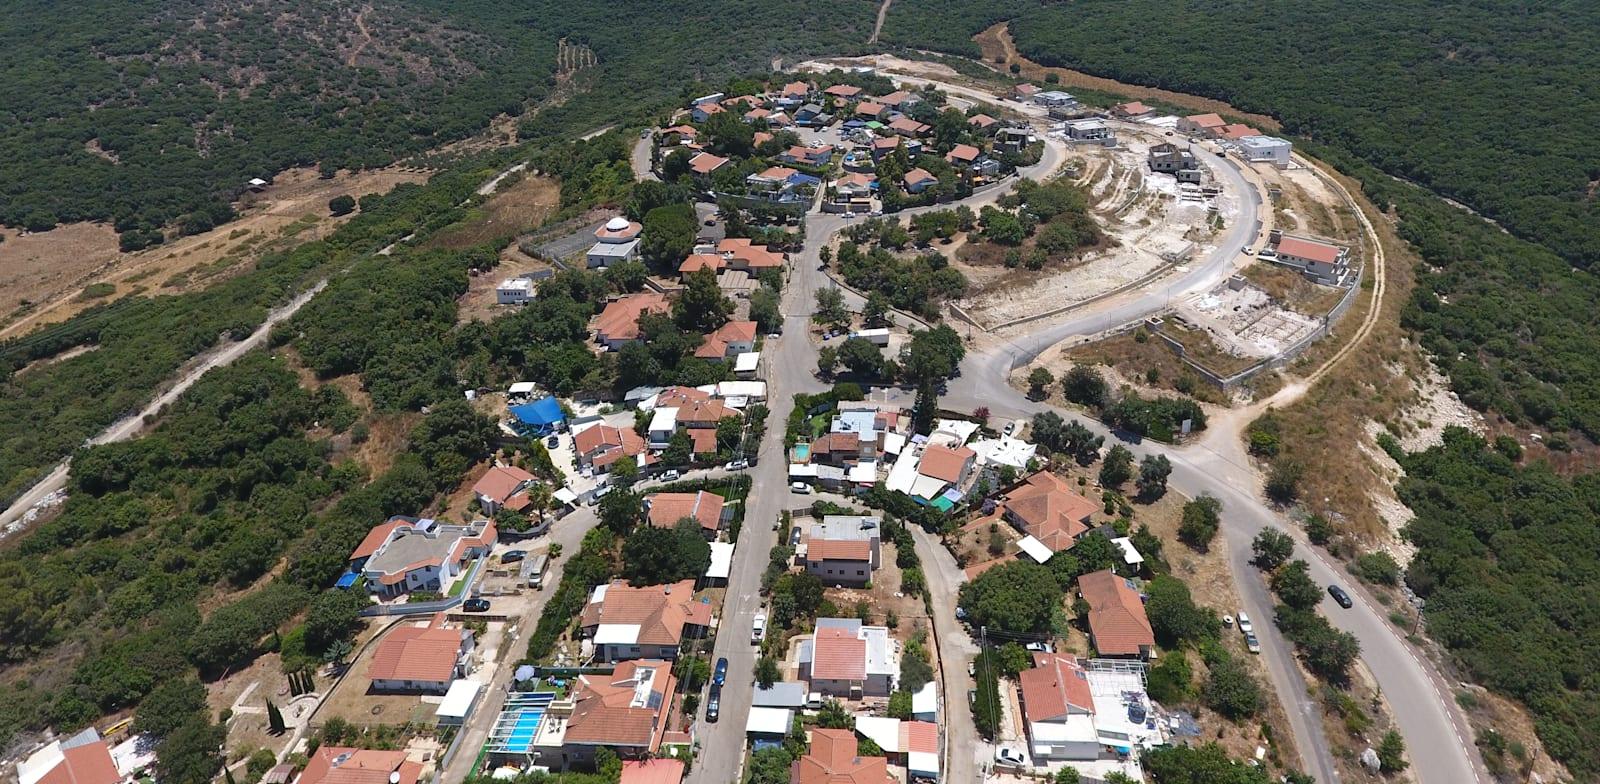 יישוב גרנות הגליל / צילום: Batka-gorets, ויקיפדיה